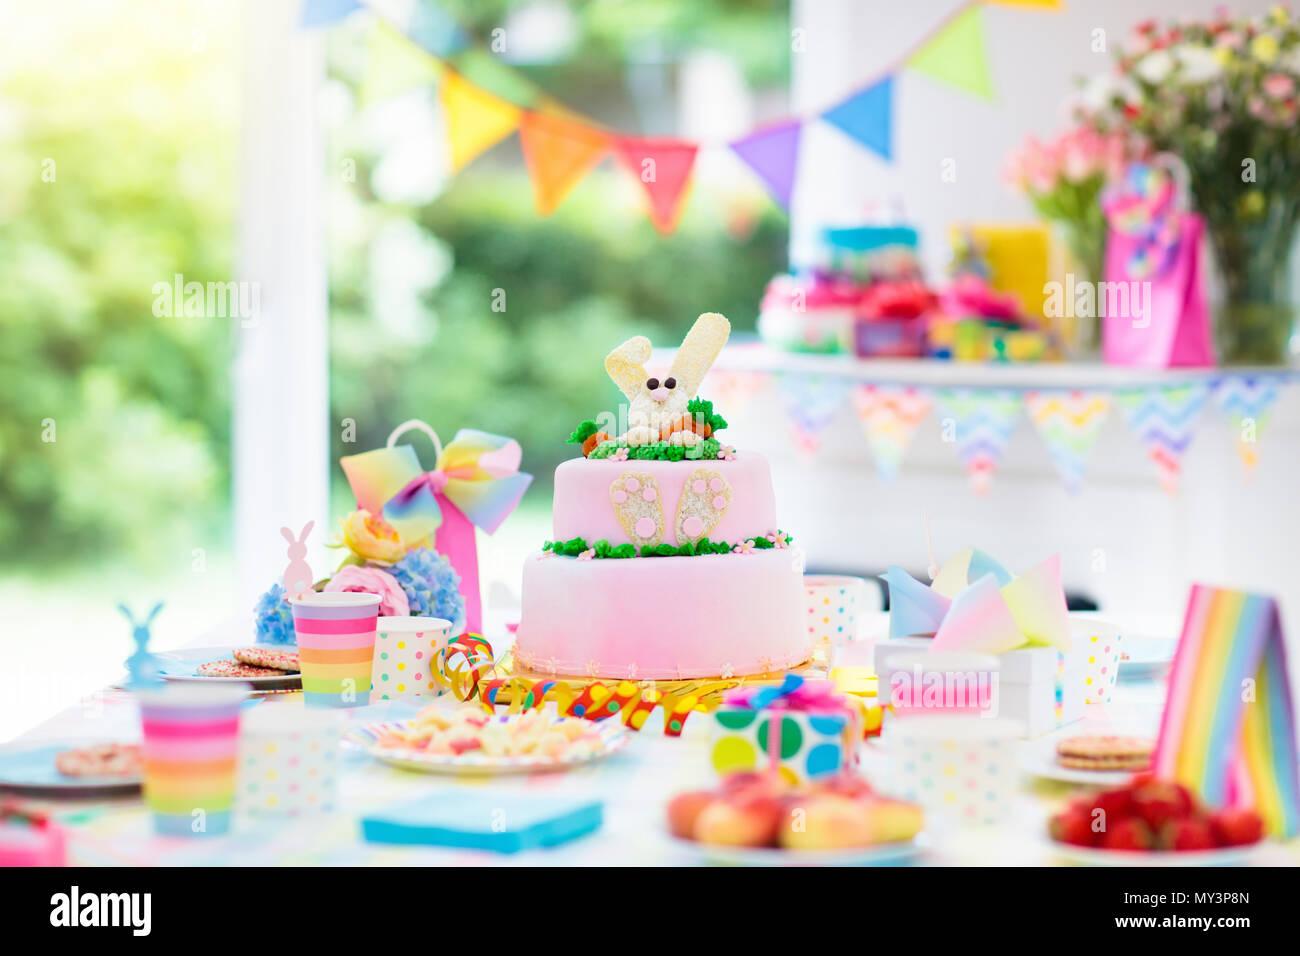 décoration de fête d'anniversaire pour les enfants et des gâteaux